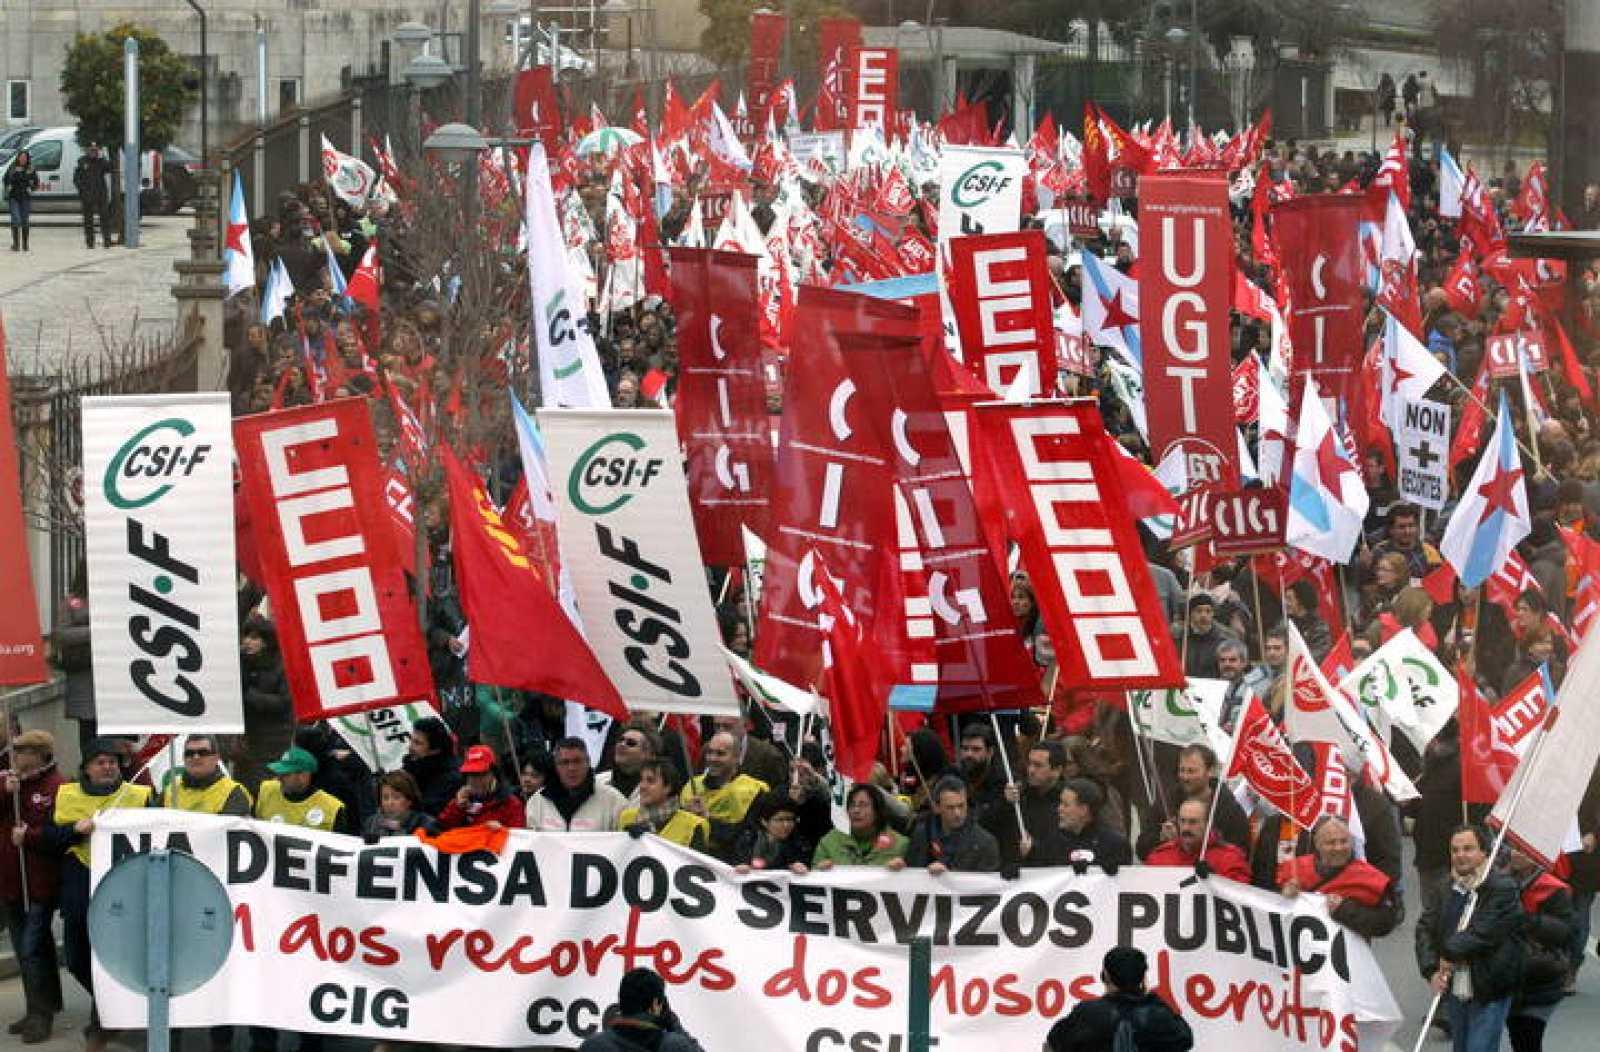 Manifestación de UGT, CCOO, CIG y CSIF en Santiago de Compostela el pasado día 9 de febrero en defensa del empleo público